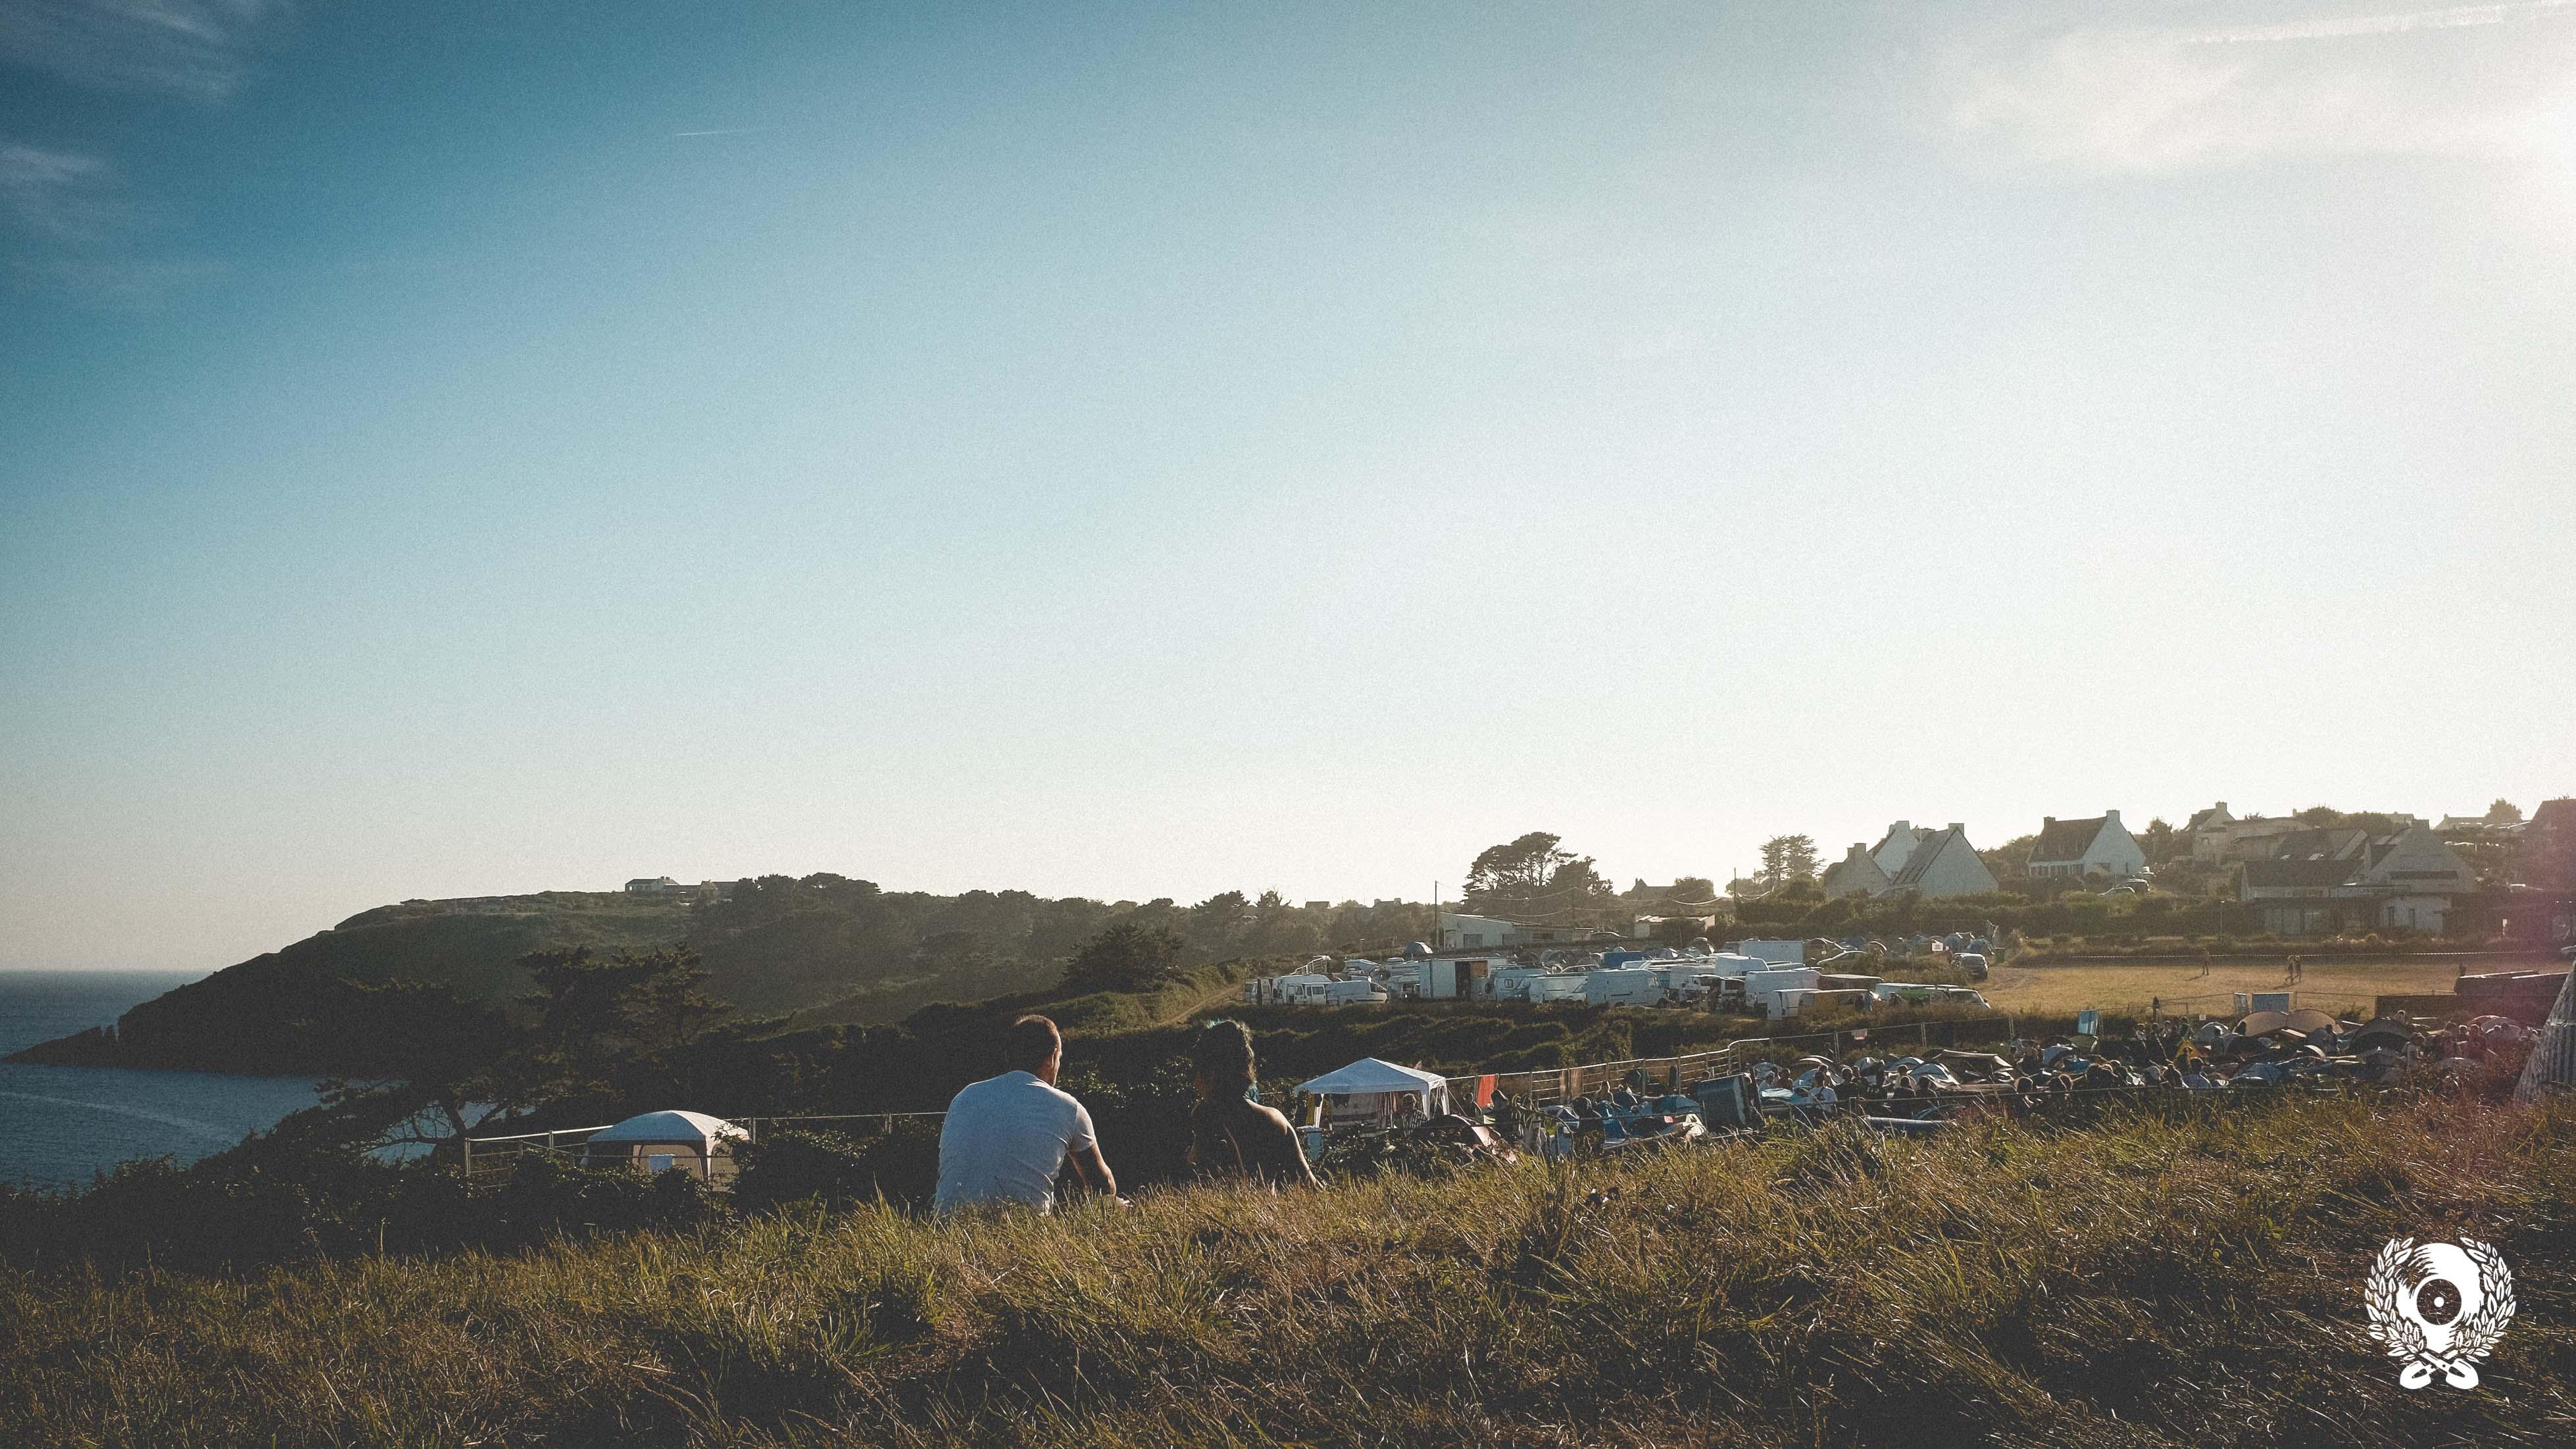 Festival Visions #6.66 : un week-end au paradis